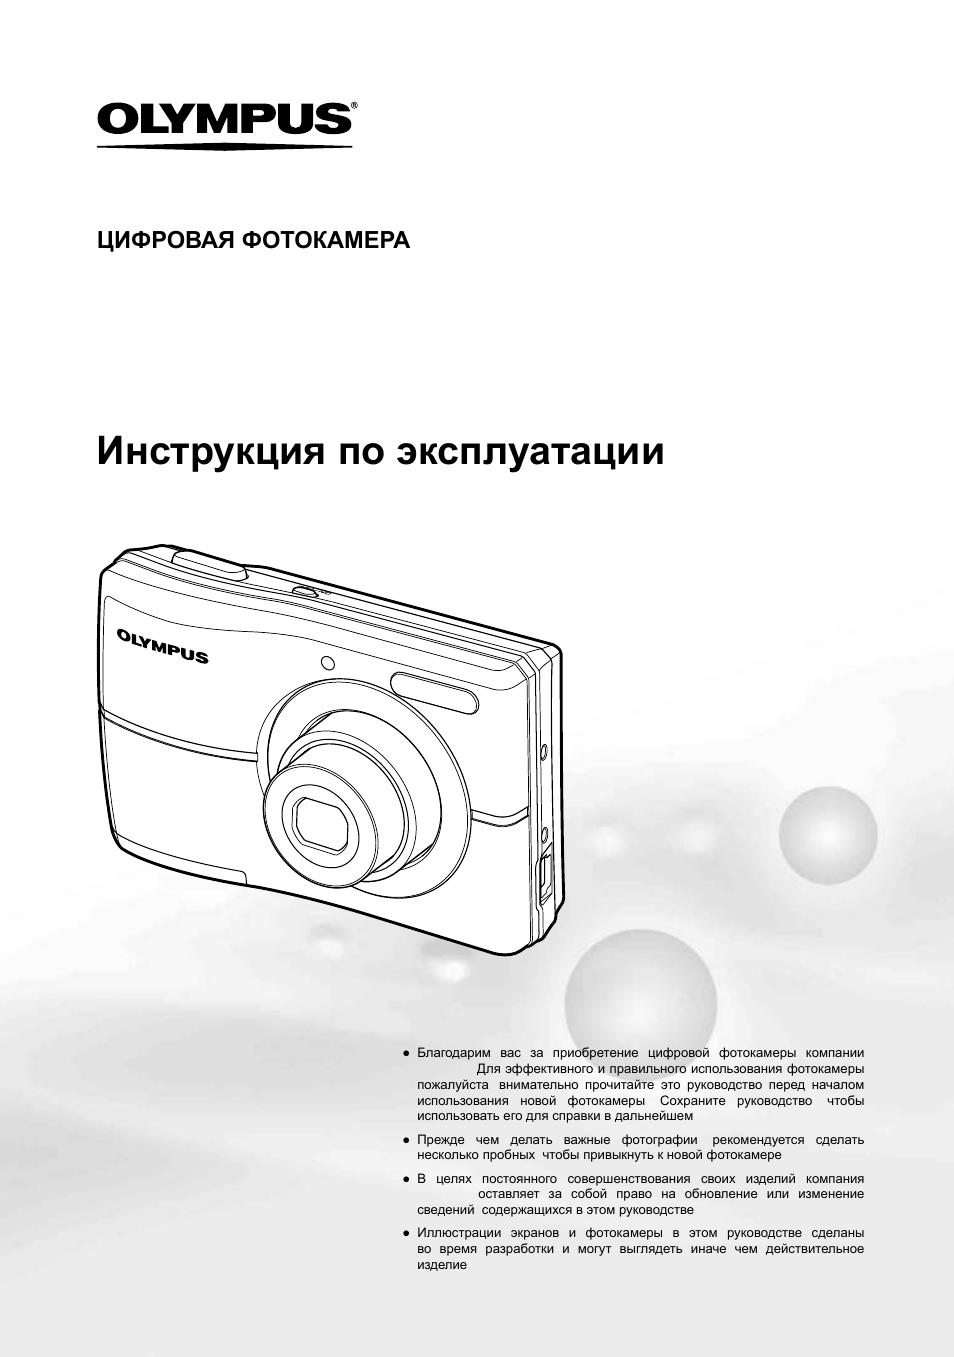 инструкция по эксплуатации камеры nikon 5000